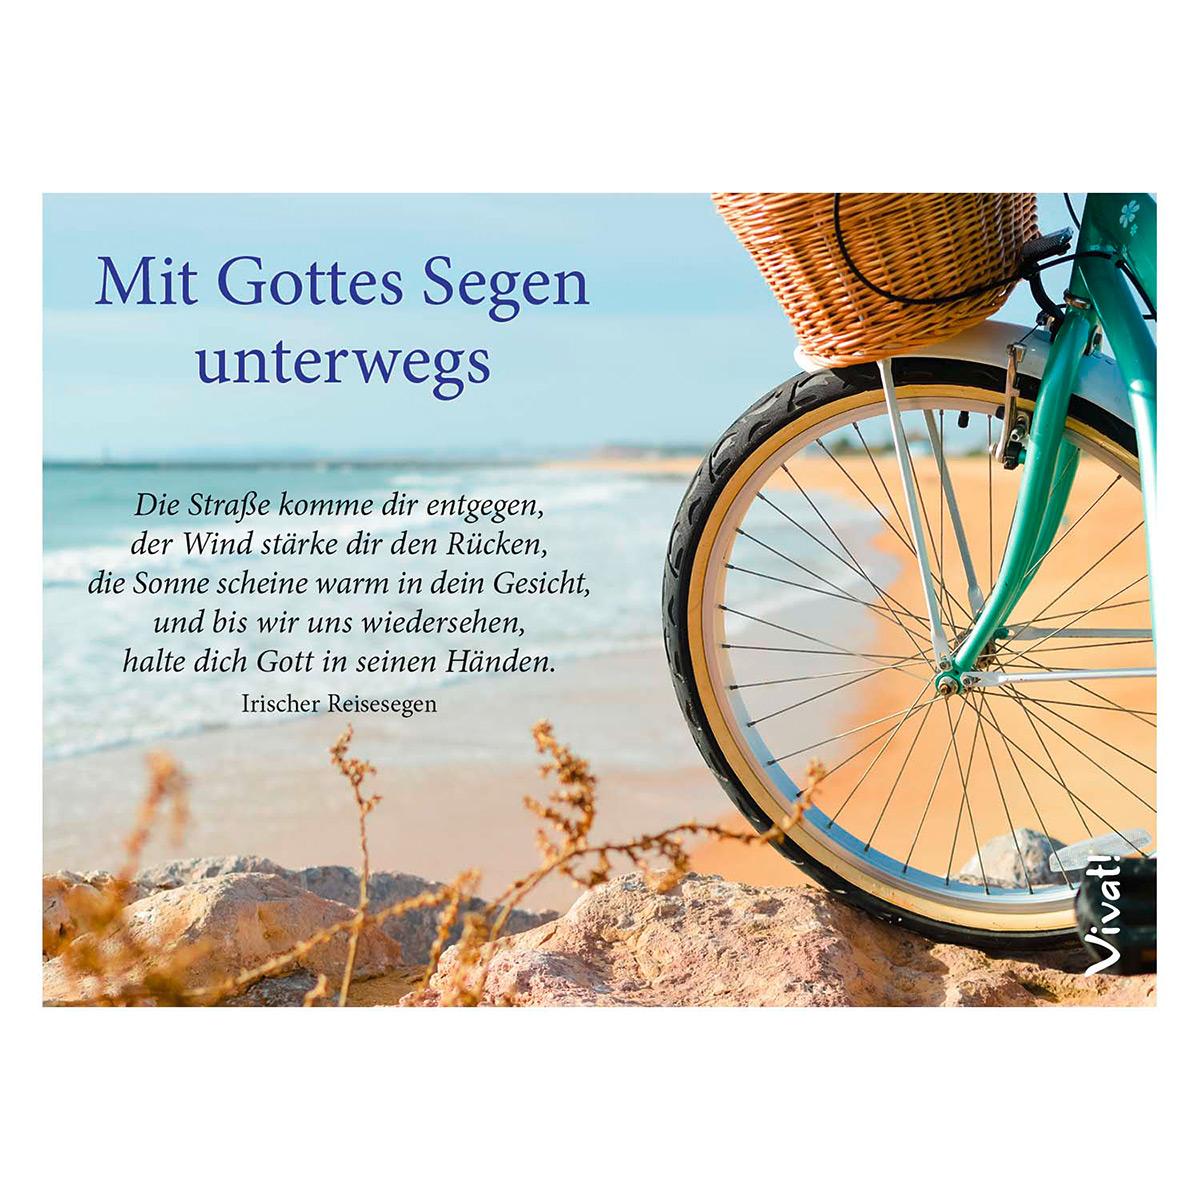 Fahrradklingel »Christophorus« | vivat shop.at